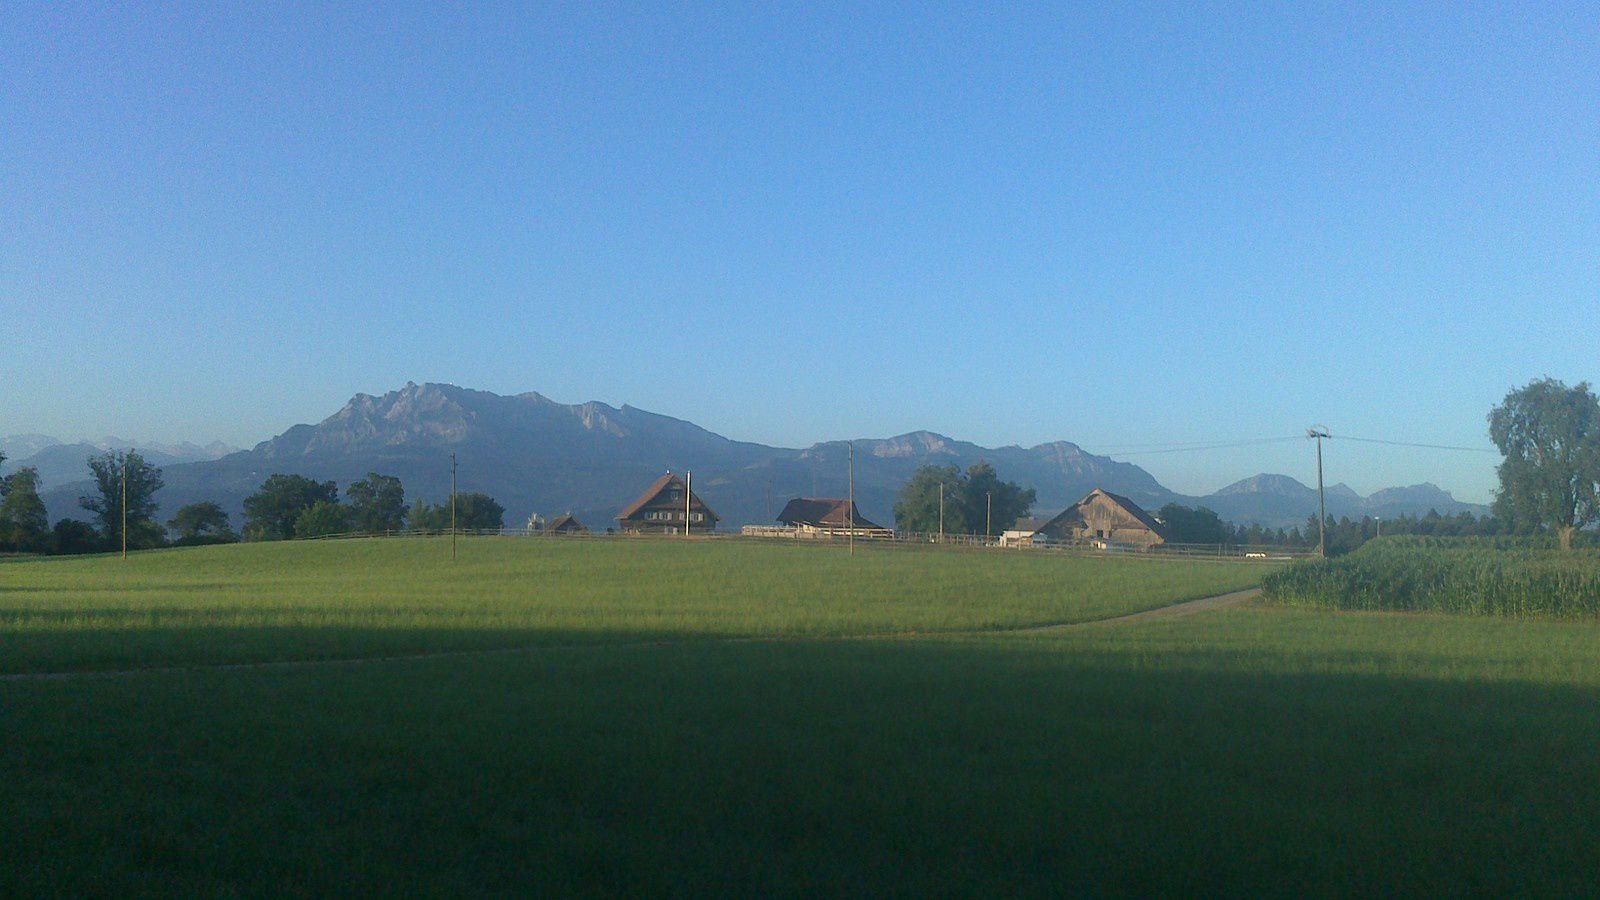 à mon réveil le lendemain, une magnifique journée se prépare, ciel bleu et chaleur assurés